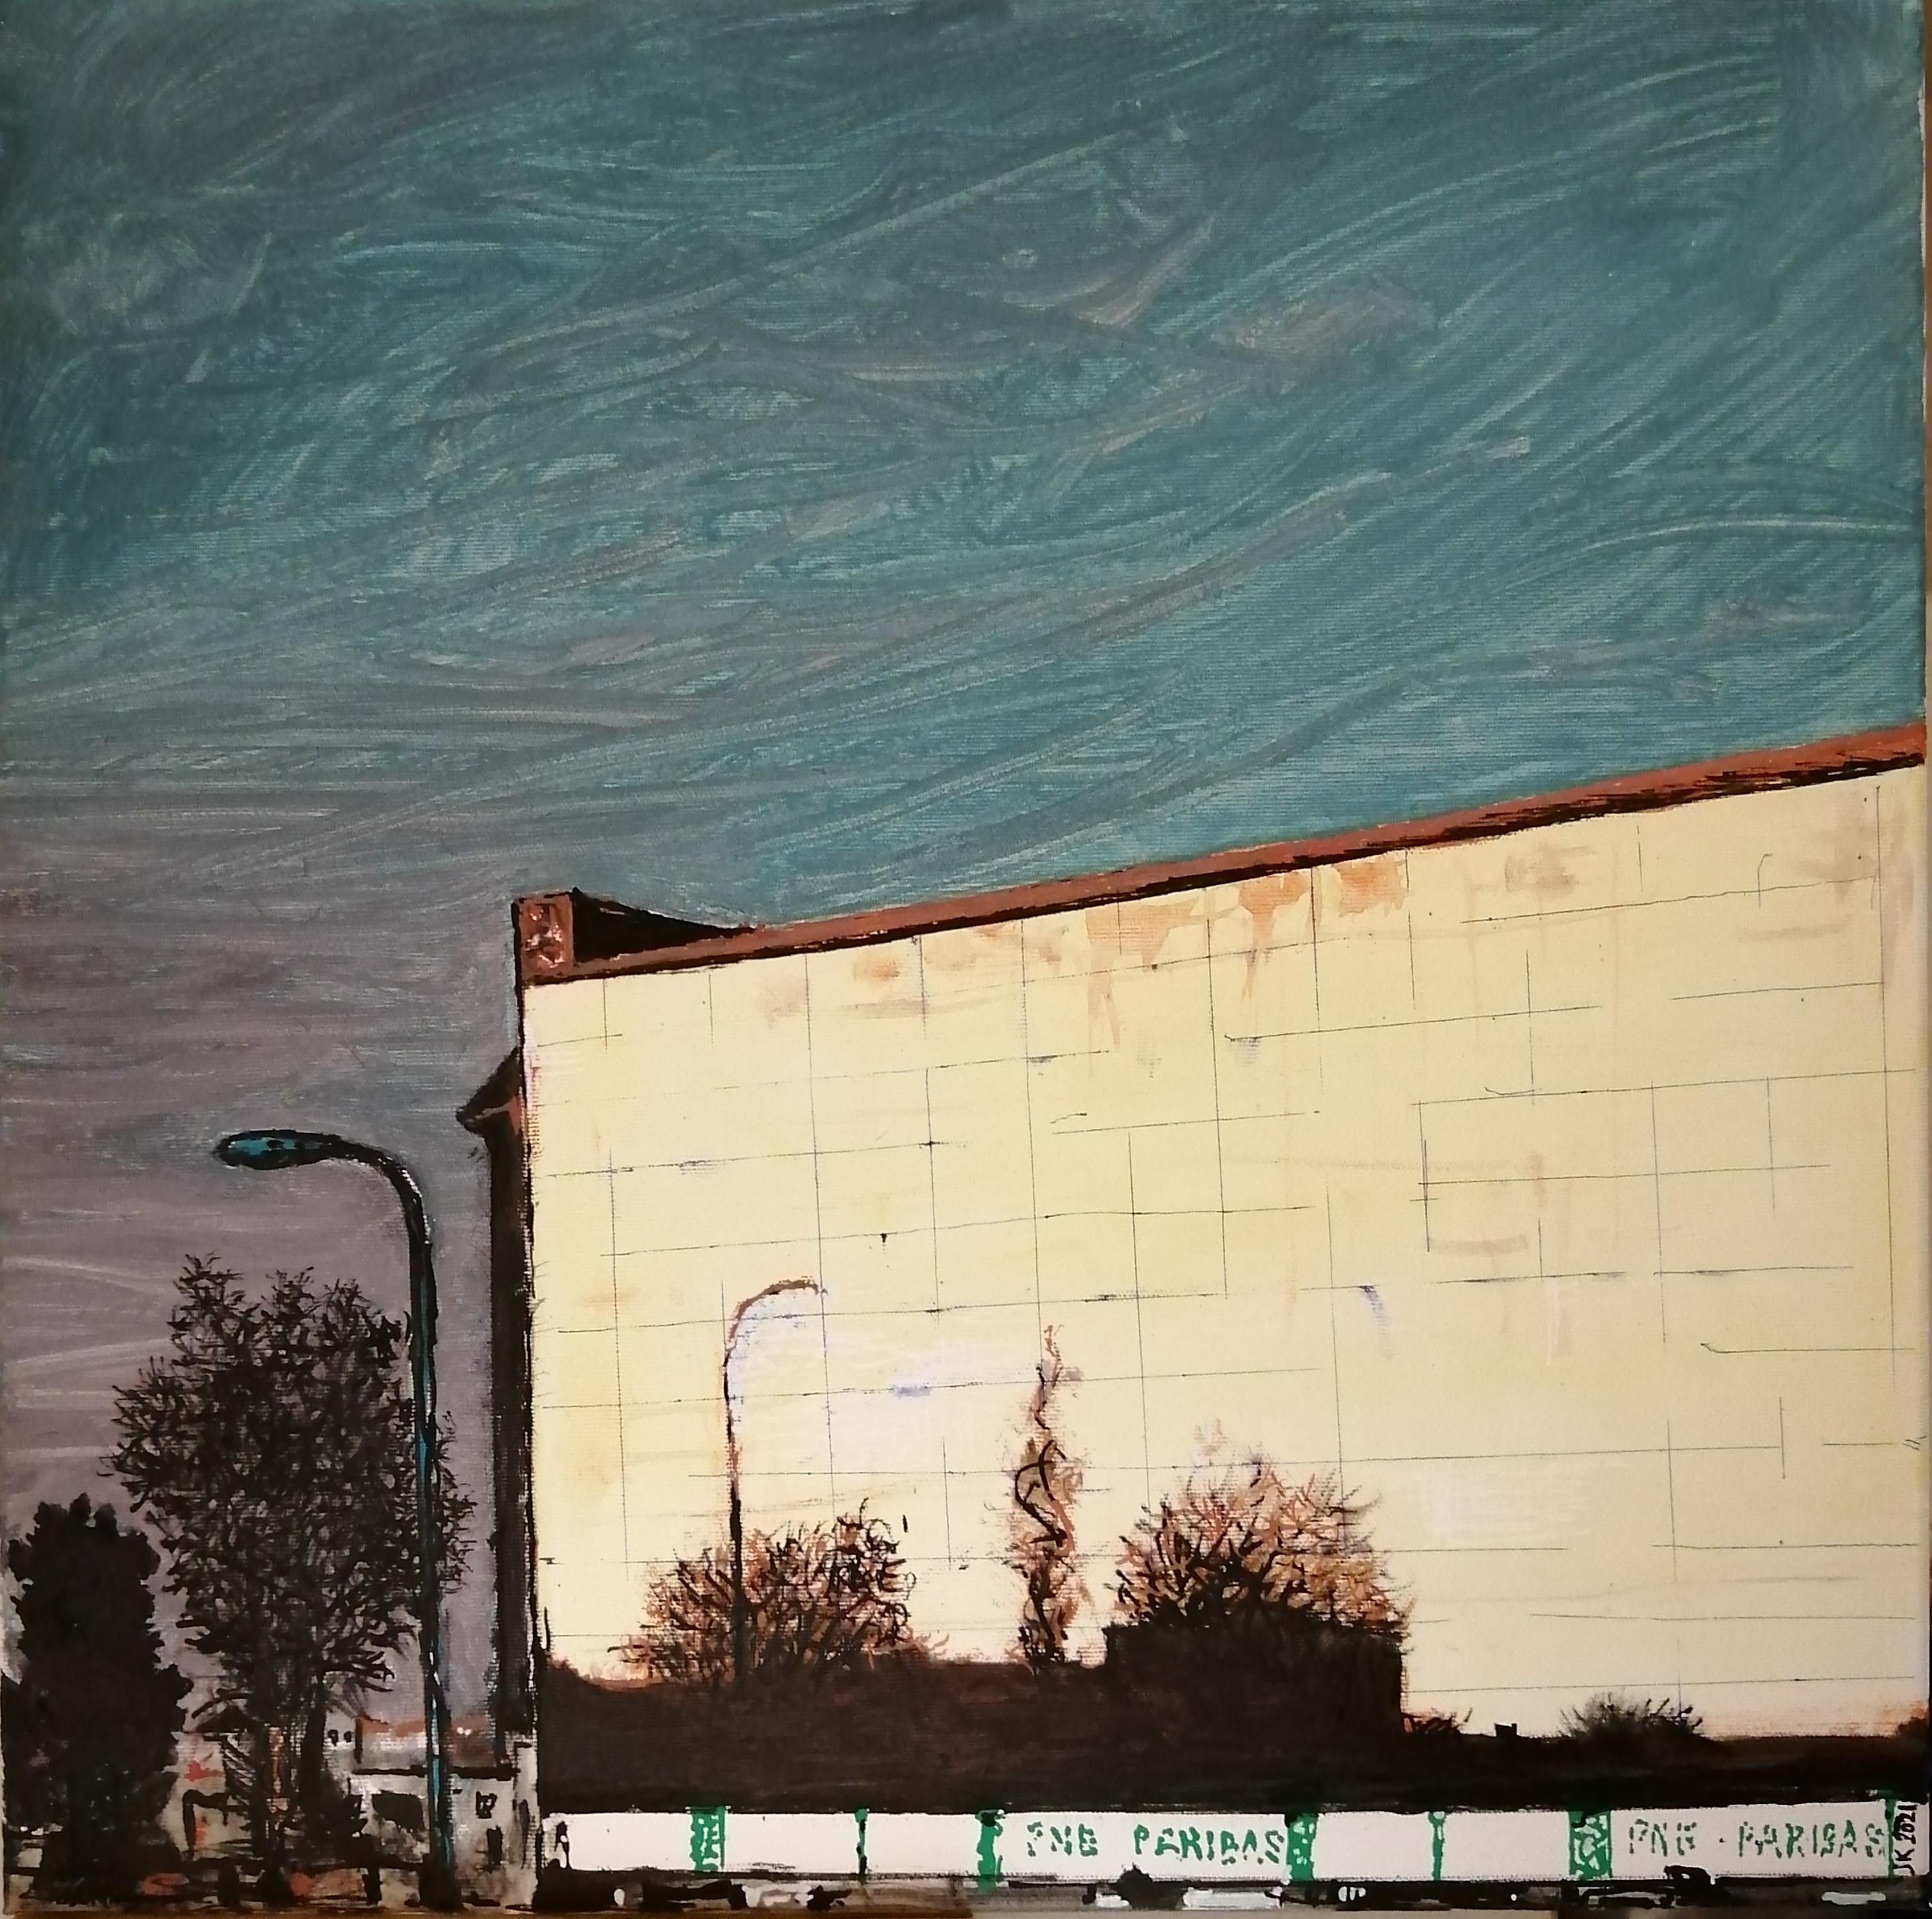 Wieczór (The dusk), 2021